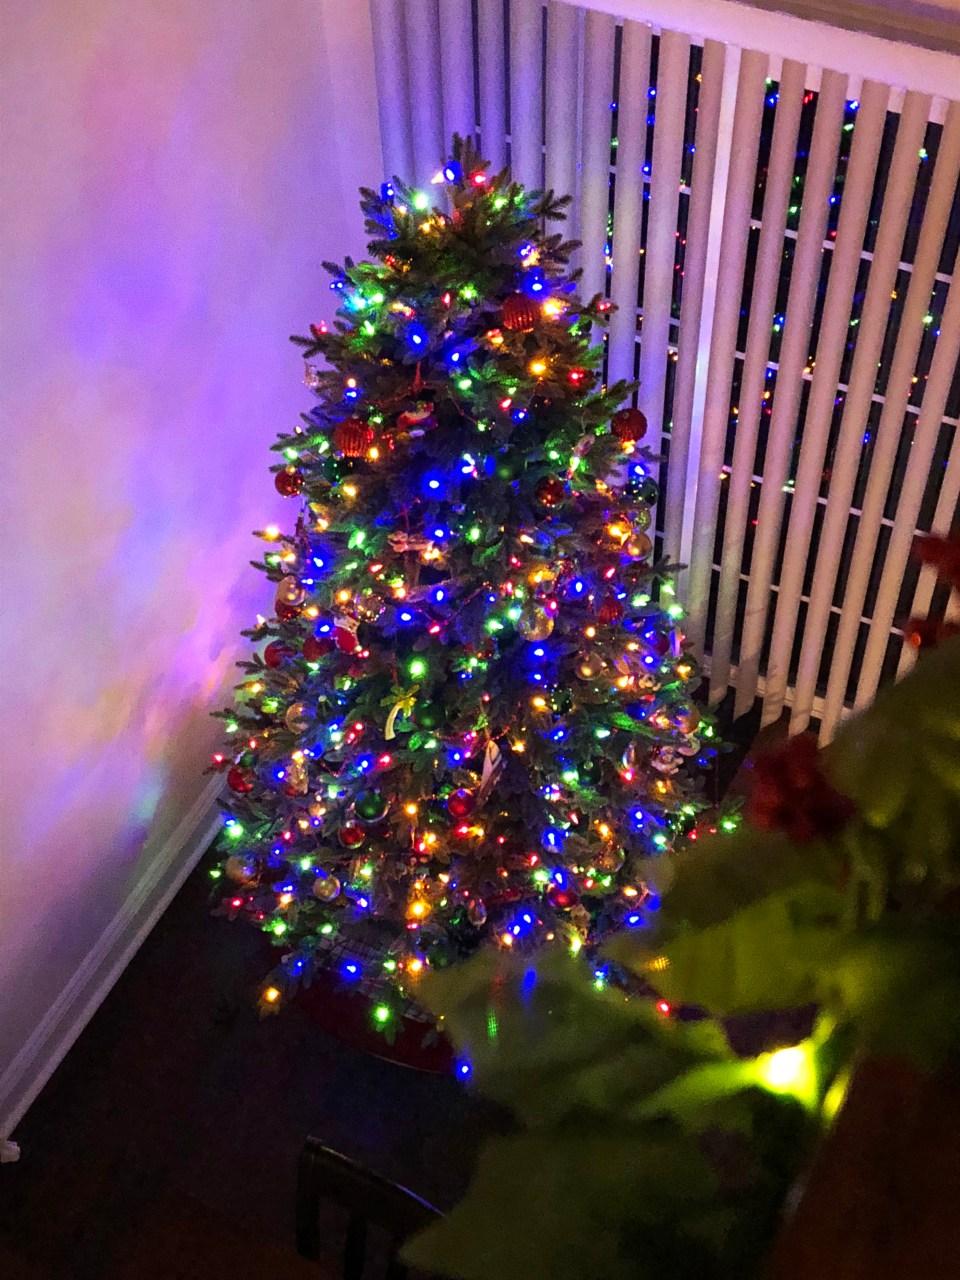 Christmas Tree - Nighttime 5